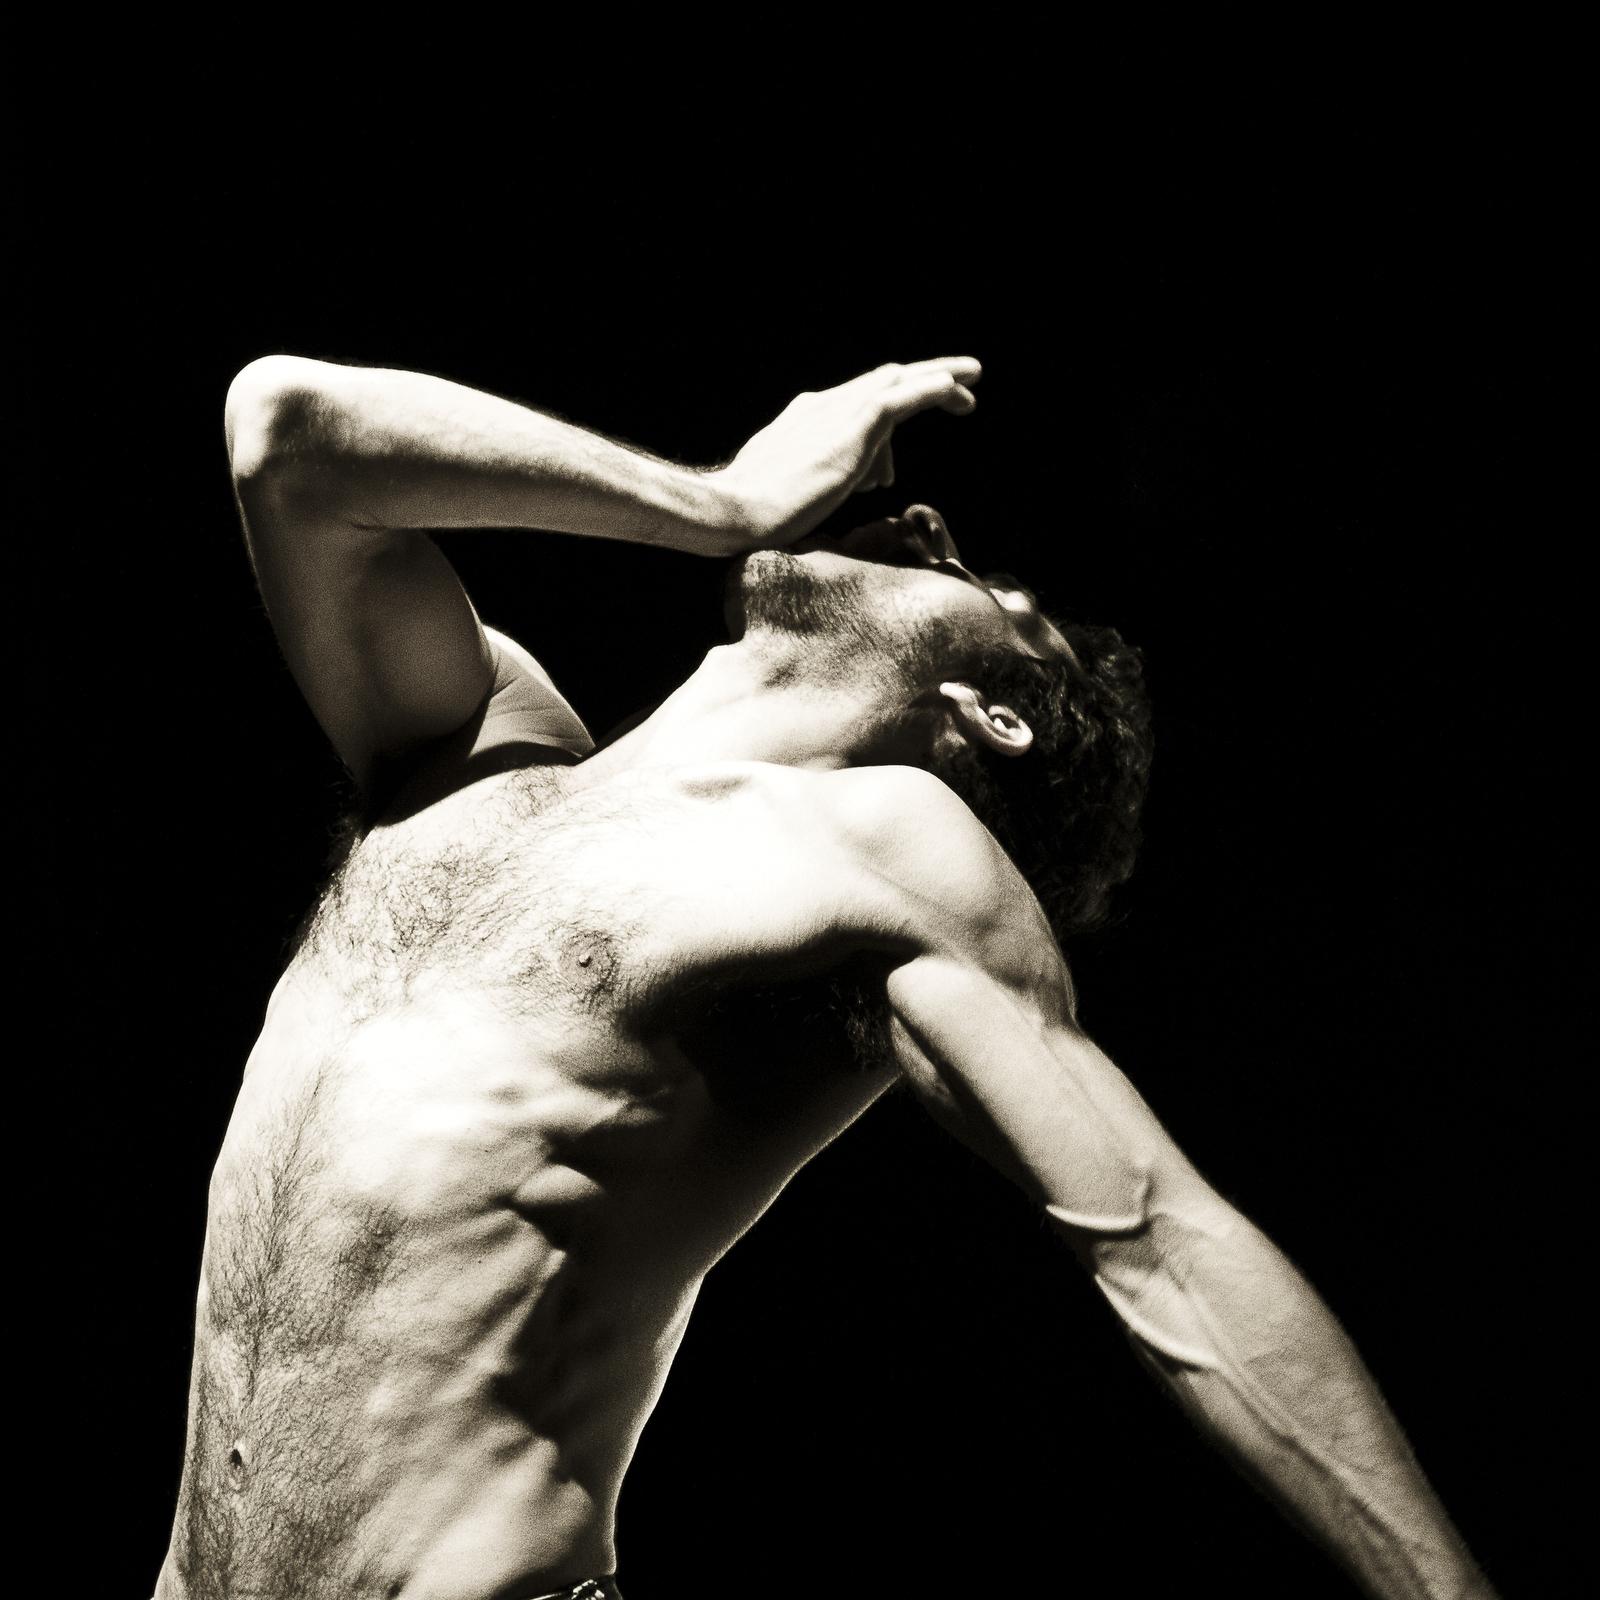 Danse-Contemporaine-Octavio-de-la-Roza-Voulez-vous-dansez-Gainsbourg-721